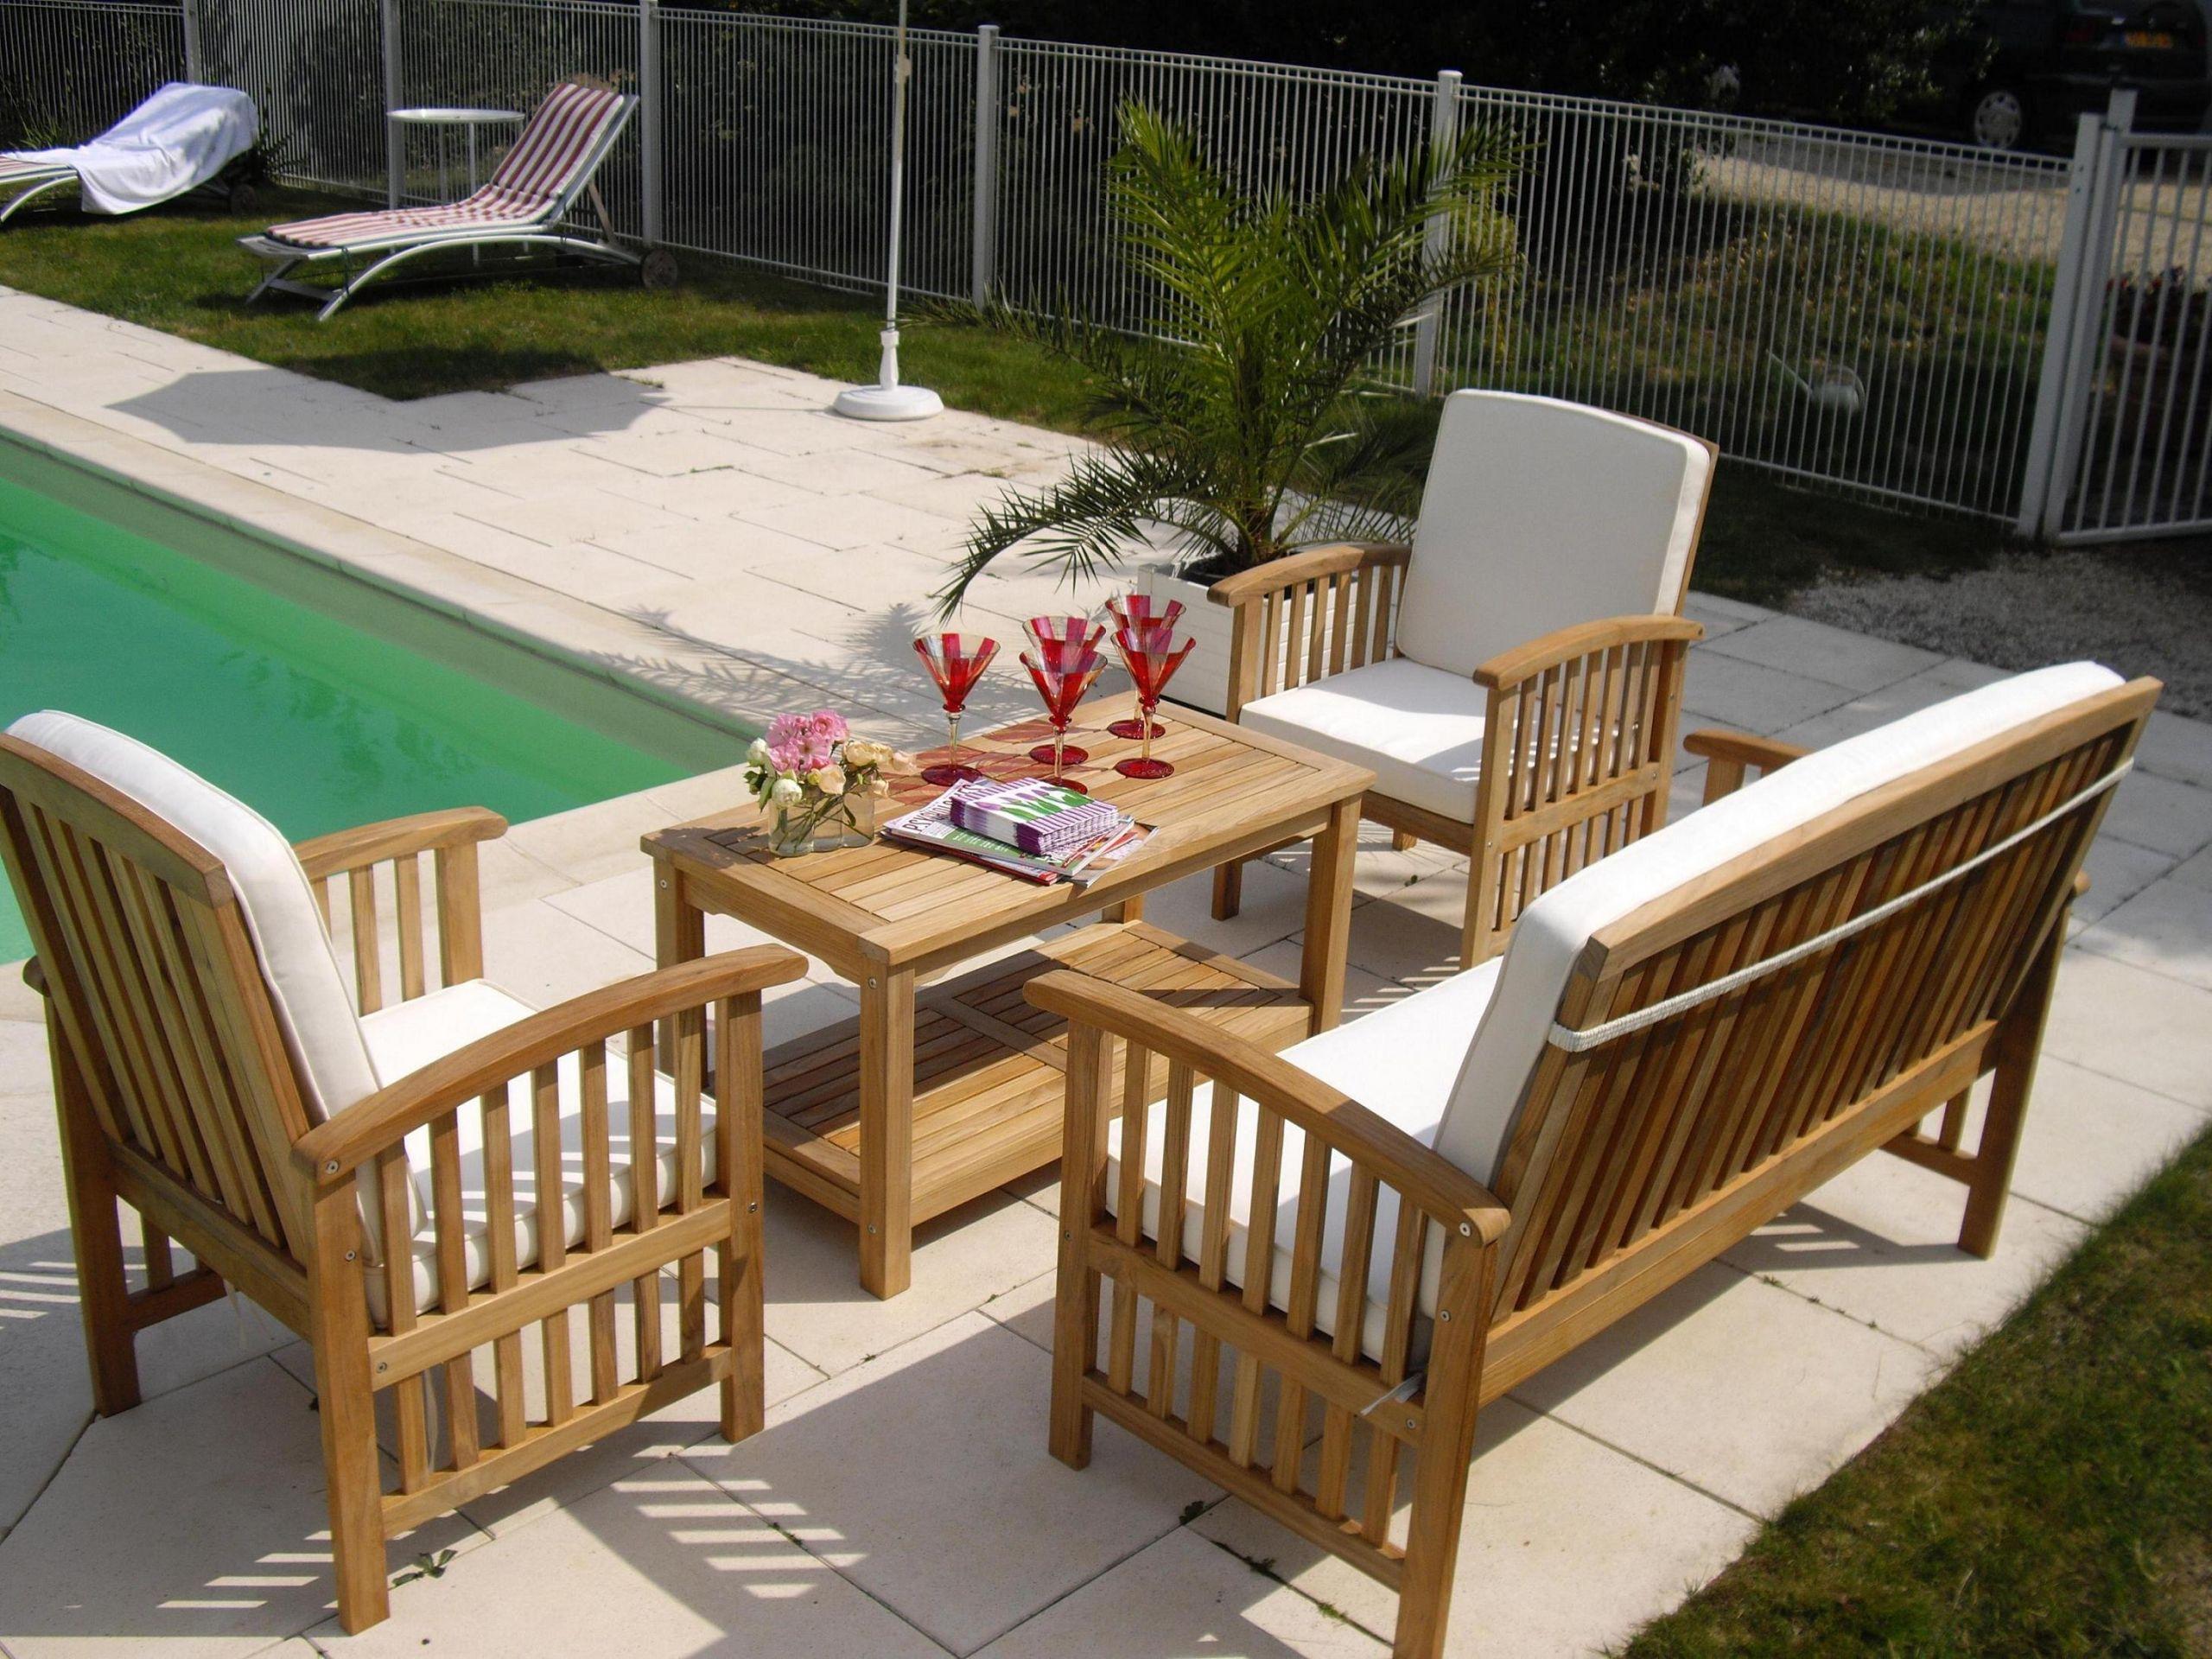 Nettoyer Salon De Jardin En Bois mobilier jardin bois salon de jardin bois métal plastique ou